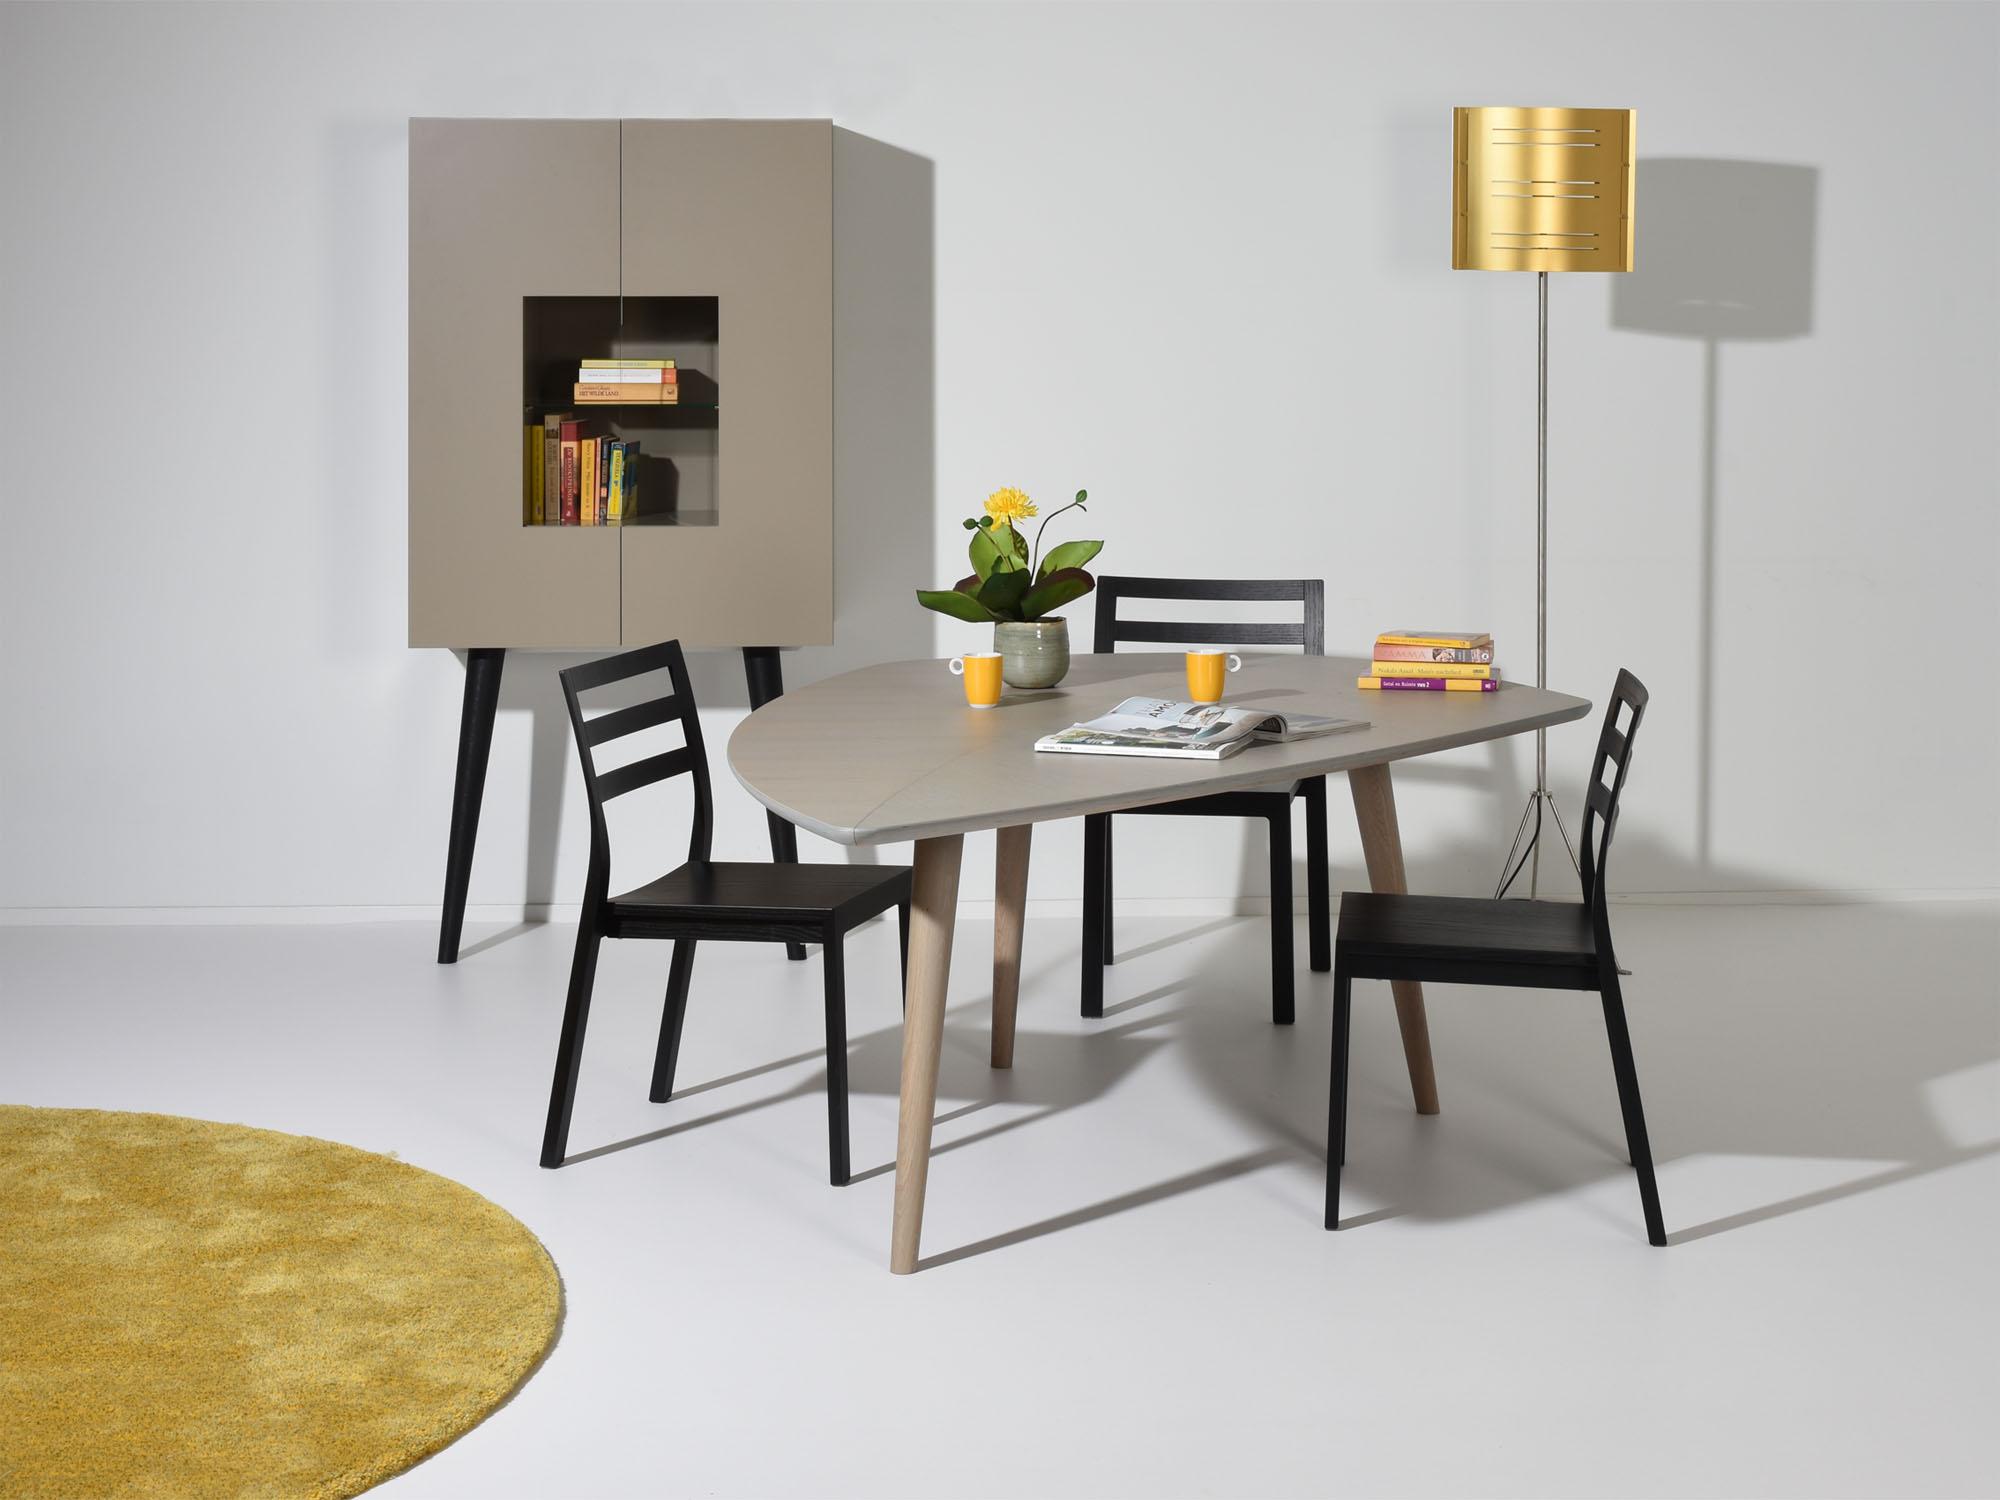 RP-leunkast en RP-tafel, ontwerp door Coen Castelijn